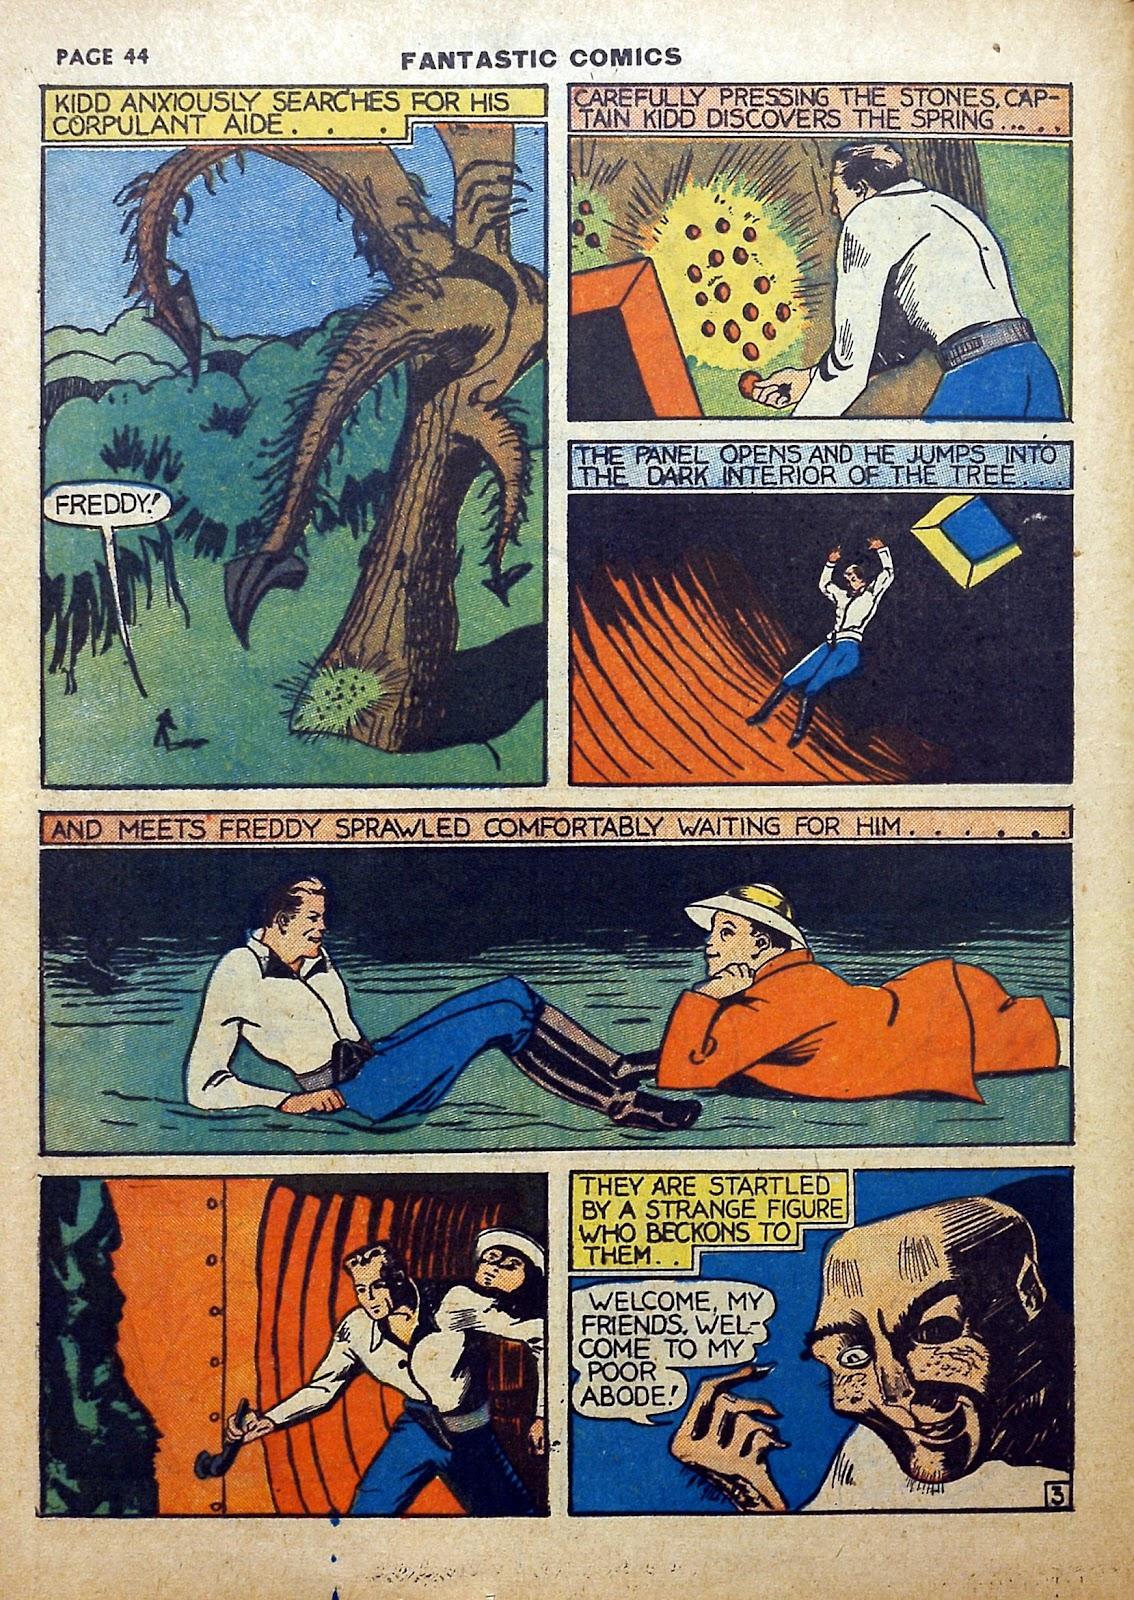 Read online Fantastic Comics comic -  Issue #5 - 45